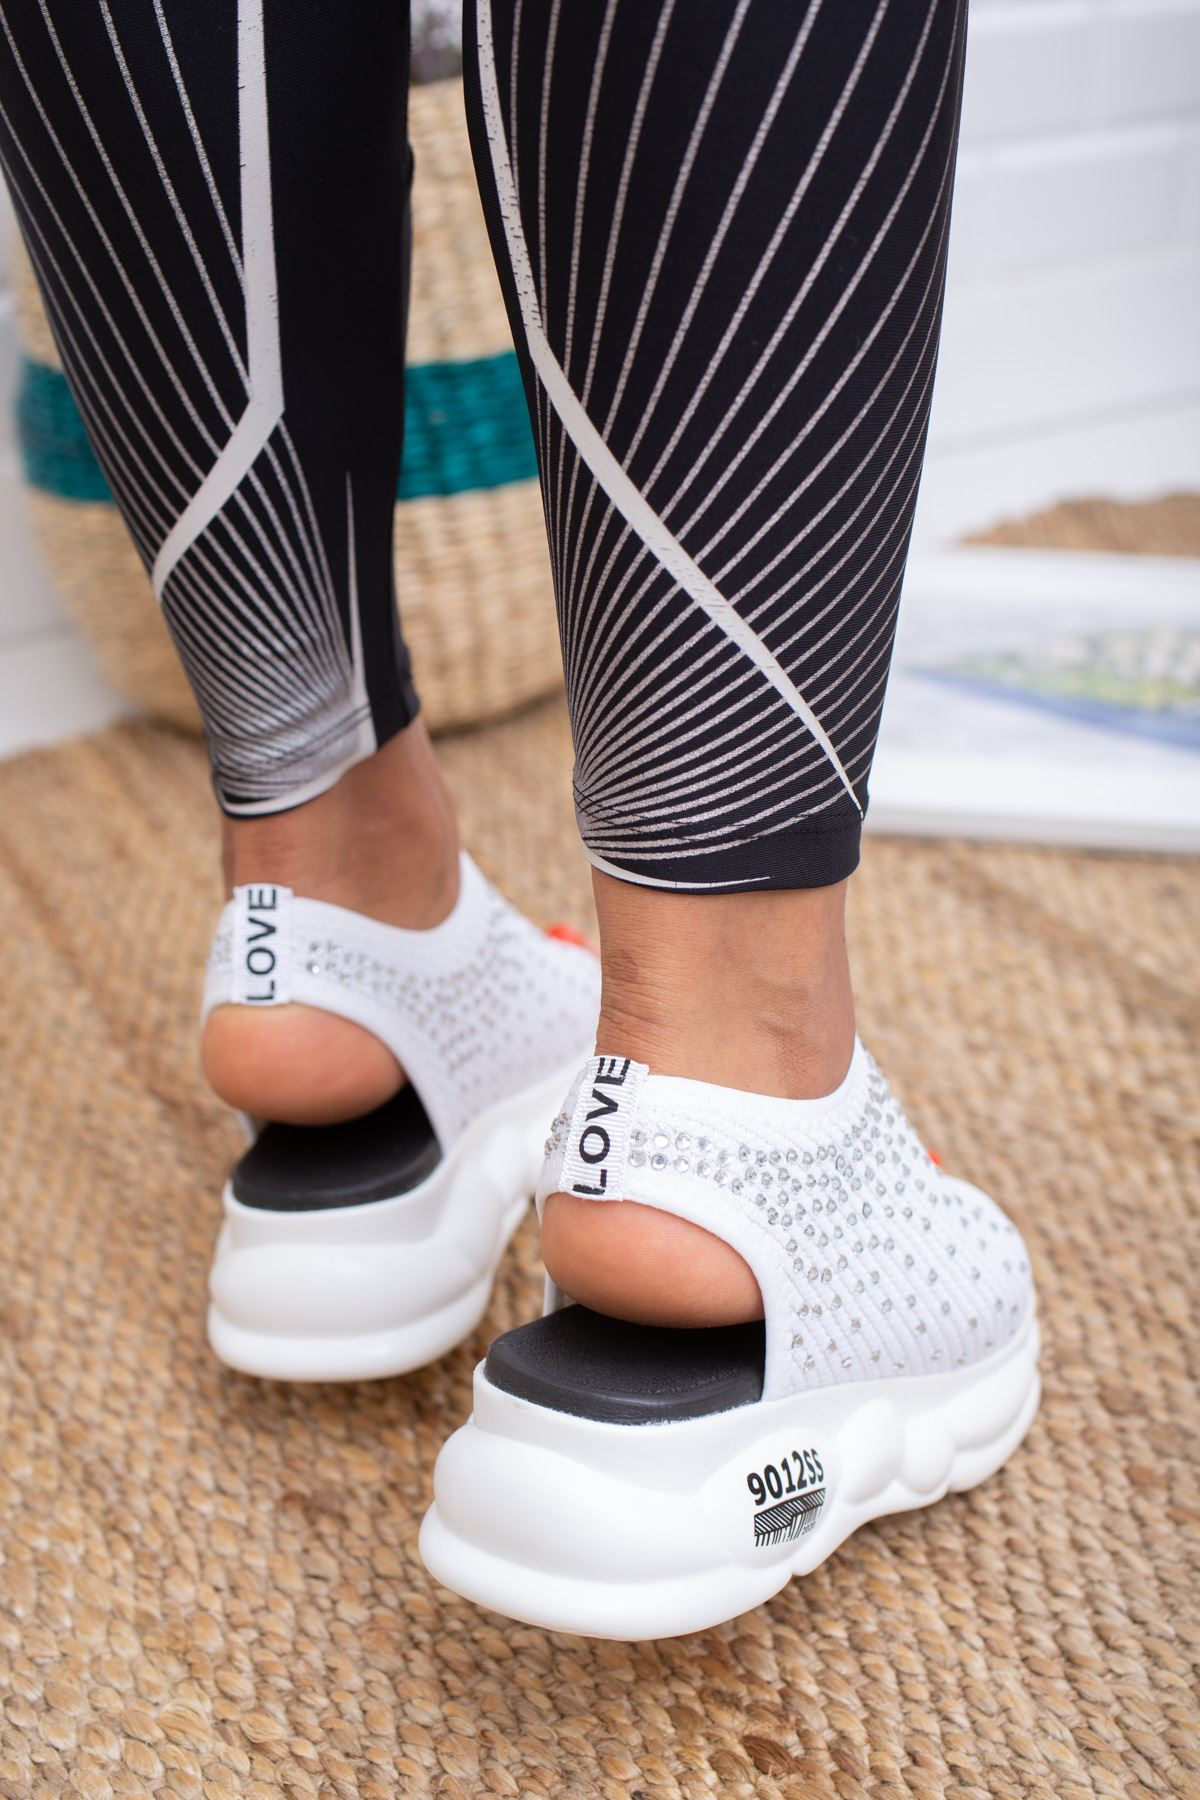 Dido Beyaz Triko Bayan Spor Ayakkabı